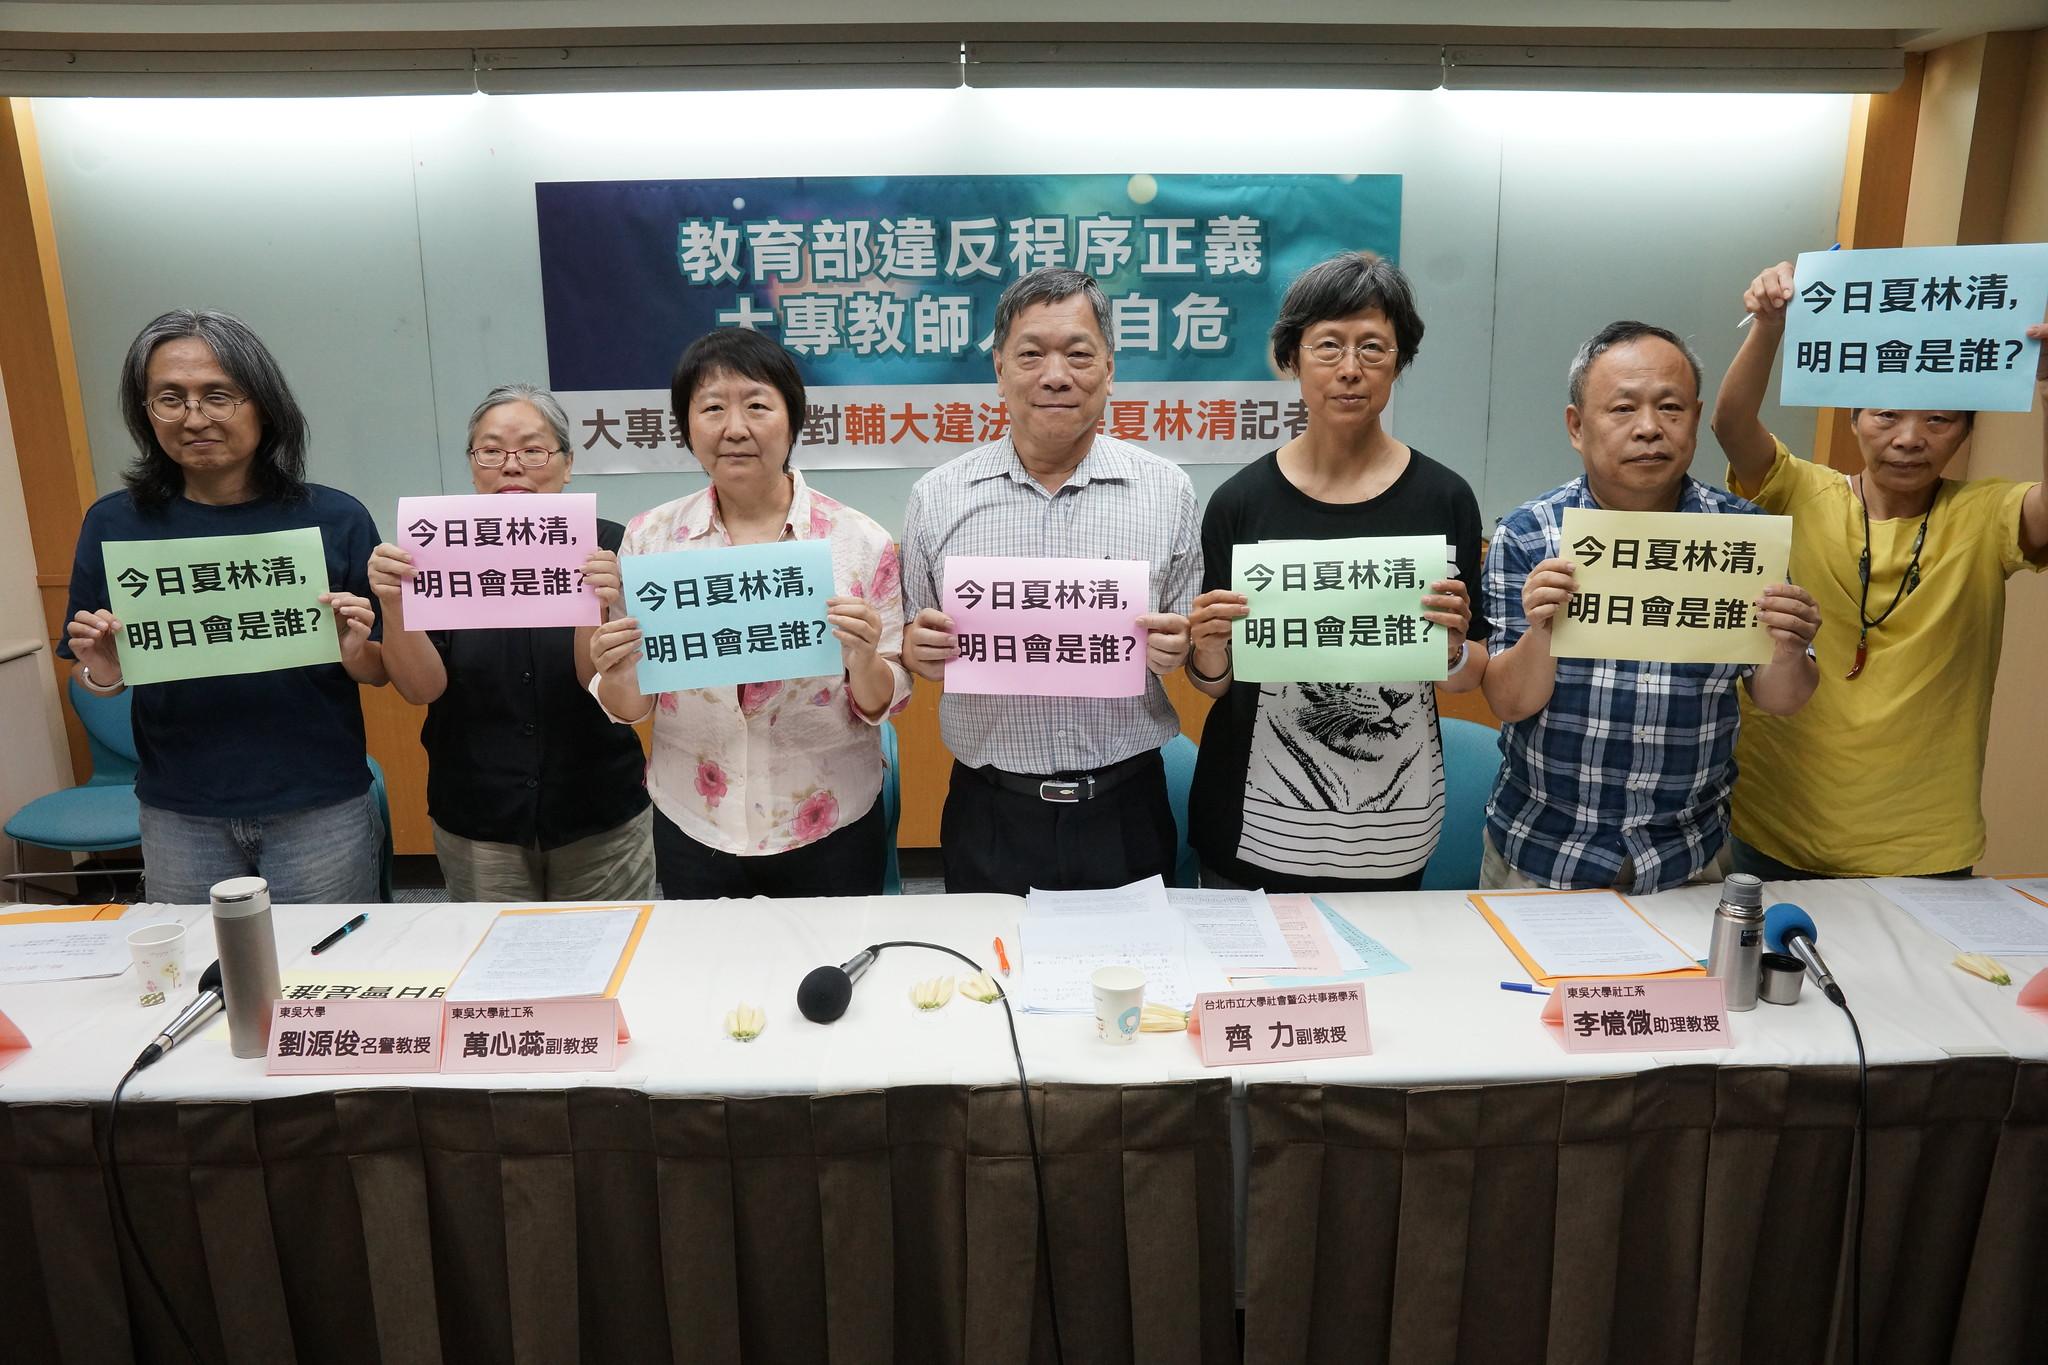 71名大專教師連署批教育部通過輔大停聘夏林清案違反程序正義。(攝影:王顥中)